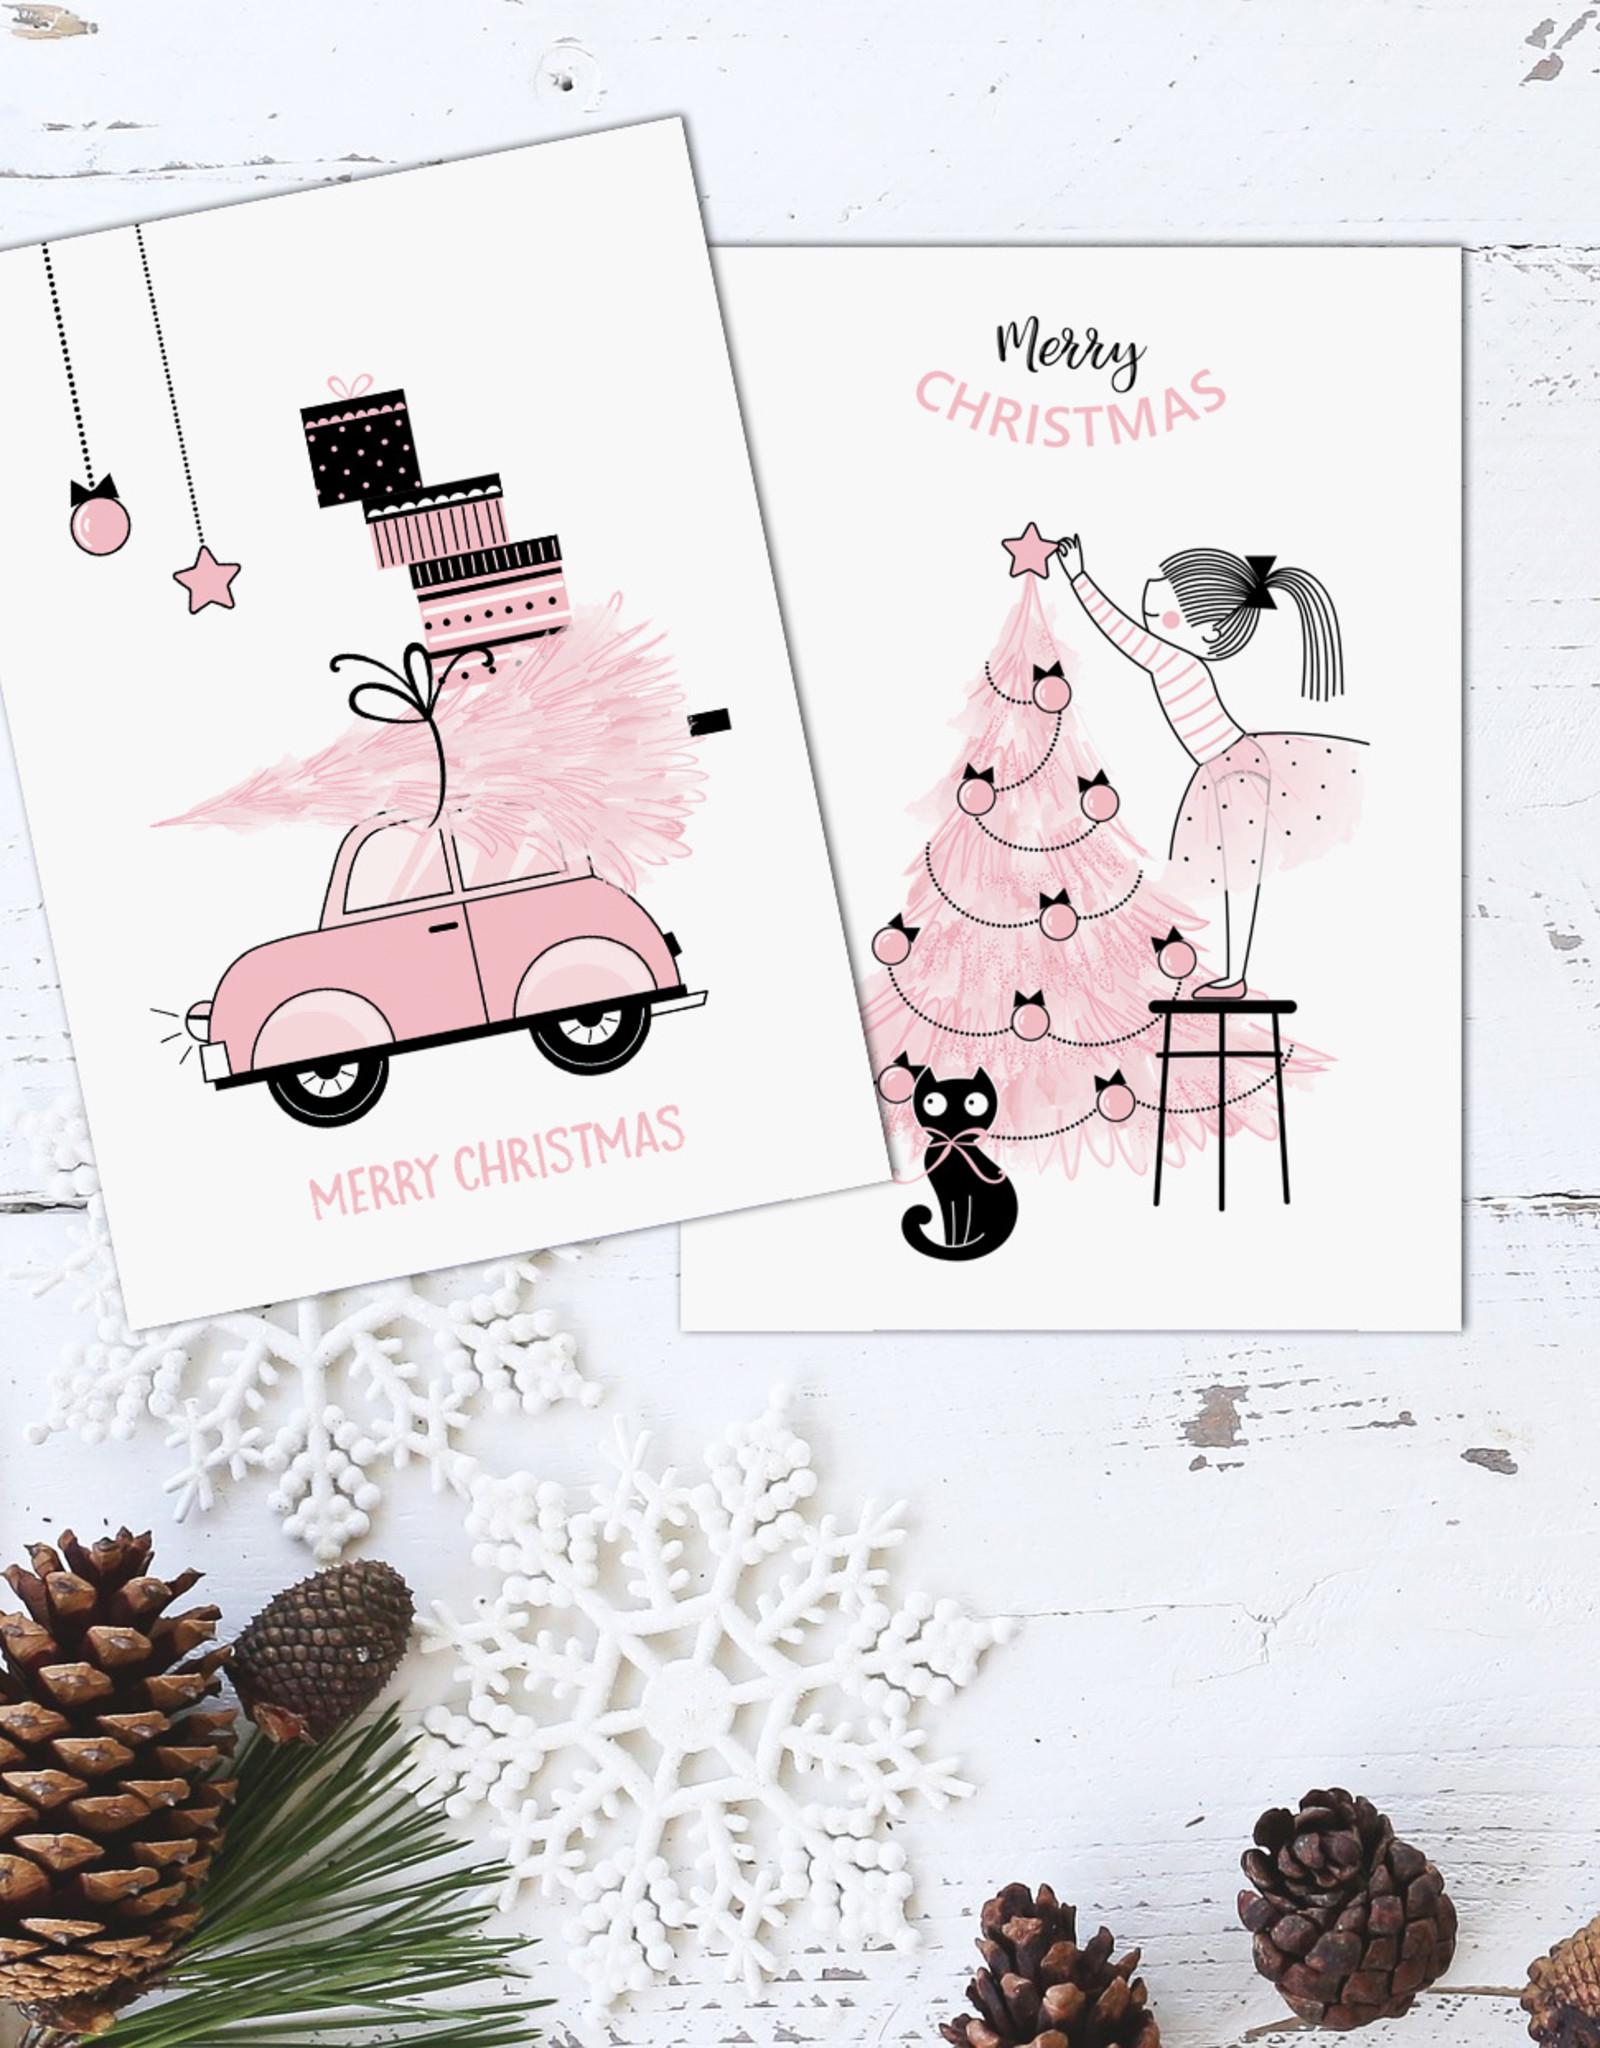 Weihnachtskarten Set 3-teilig ROSA, Weihnachtskarten Postkarten Set Weihnachten Weihnachhtskarten Set Grußkarten Weihnachten Grußkarte